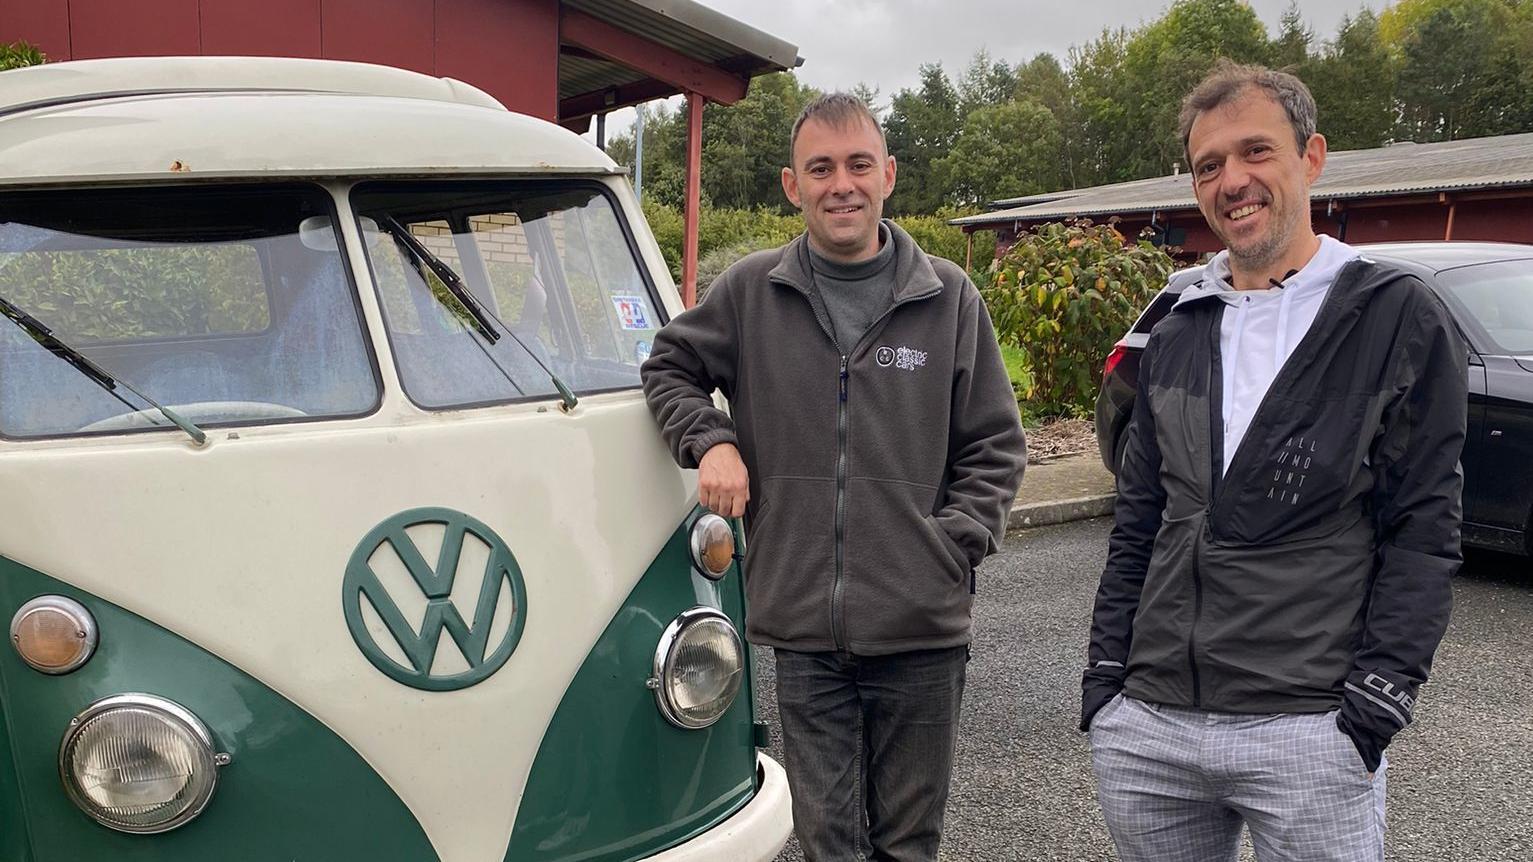 oliver-scheel-re-zu-besuch-bei-richard-morgen-der-schon-100-oldtimer-zu-elektroautos-gemacht-hat-unter-anderem-diesen-bulli-aus-dem-jahr-1966